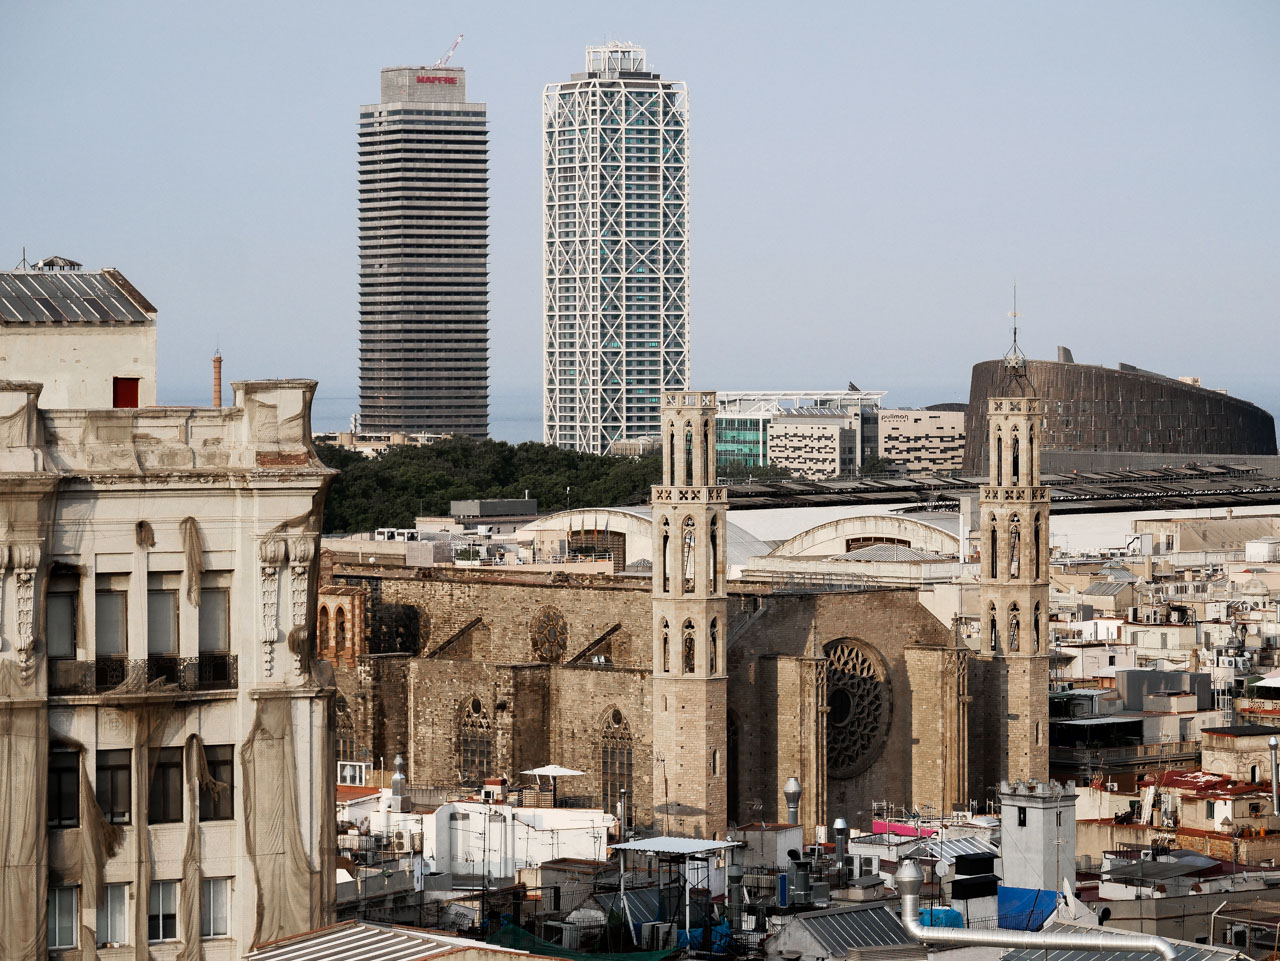 Saint Just i Pastor : un monument à voir à Barcelone